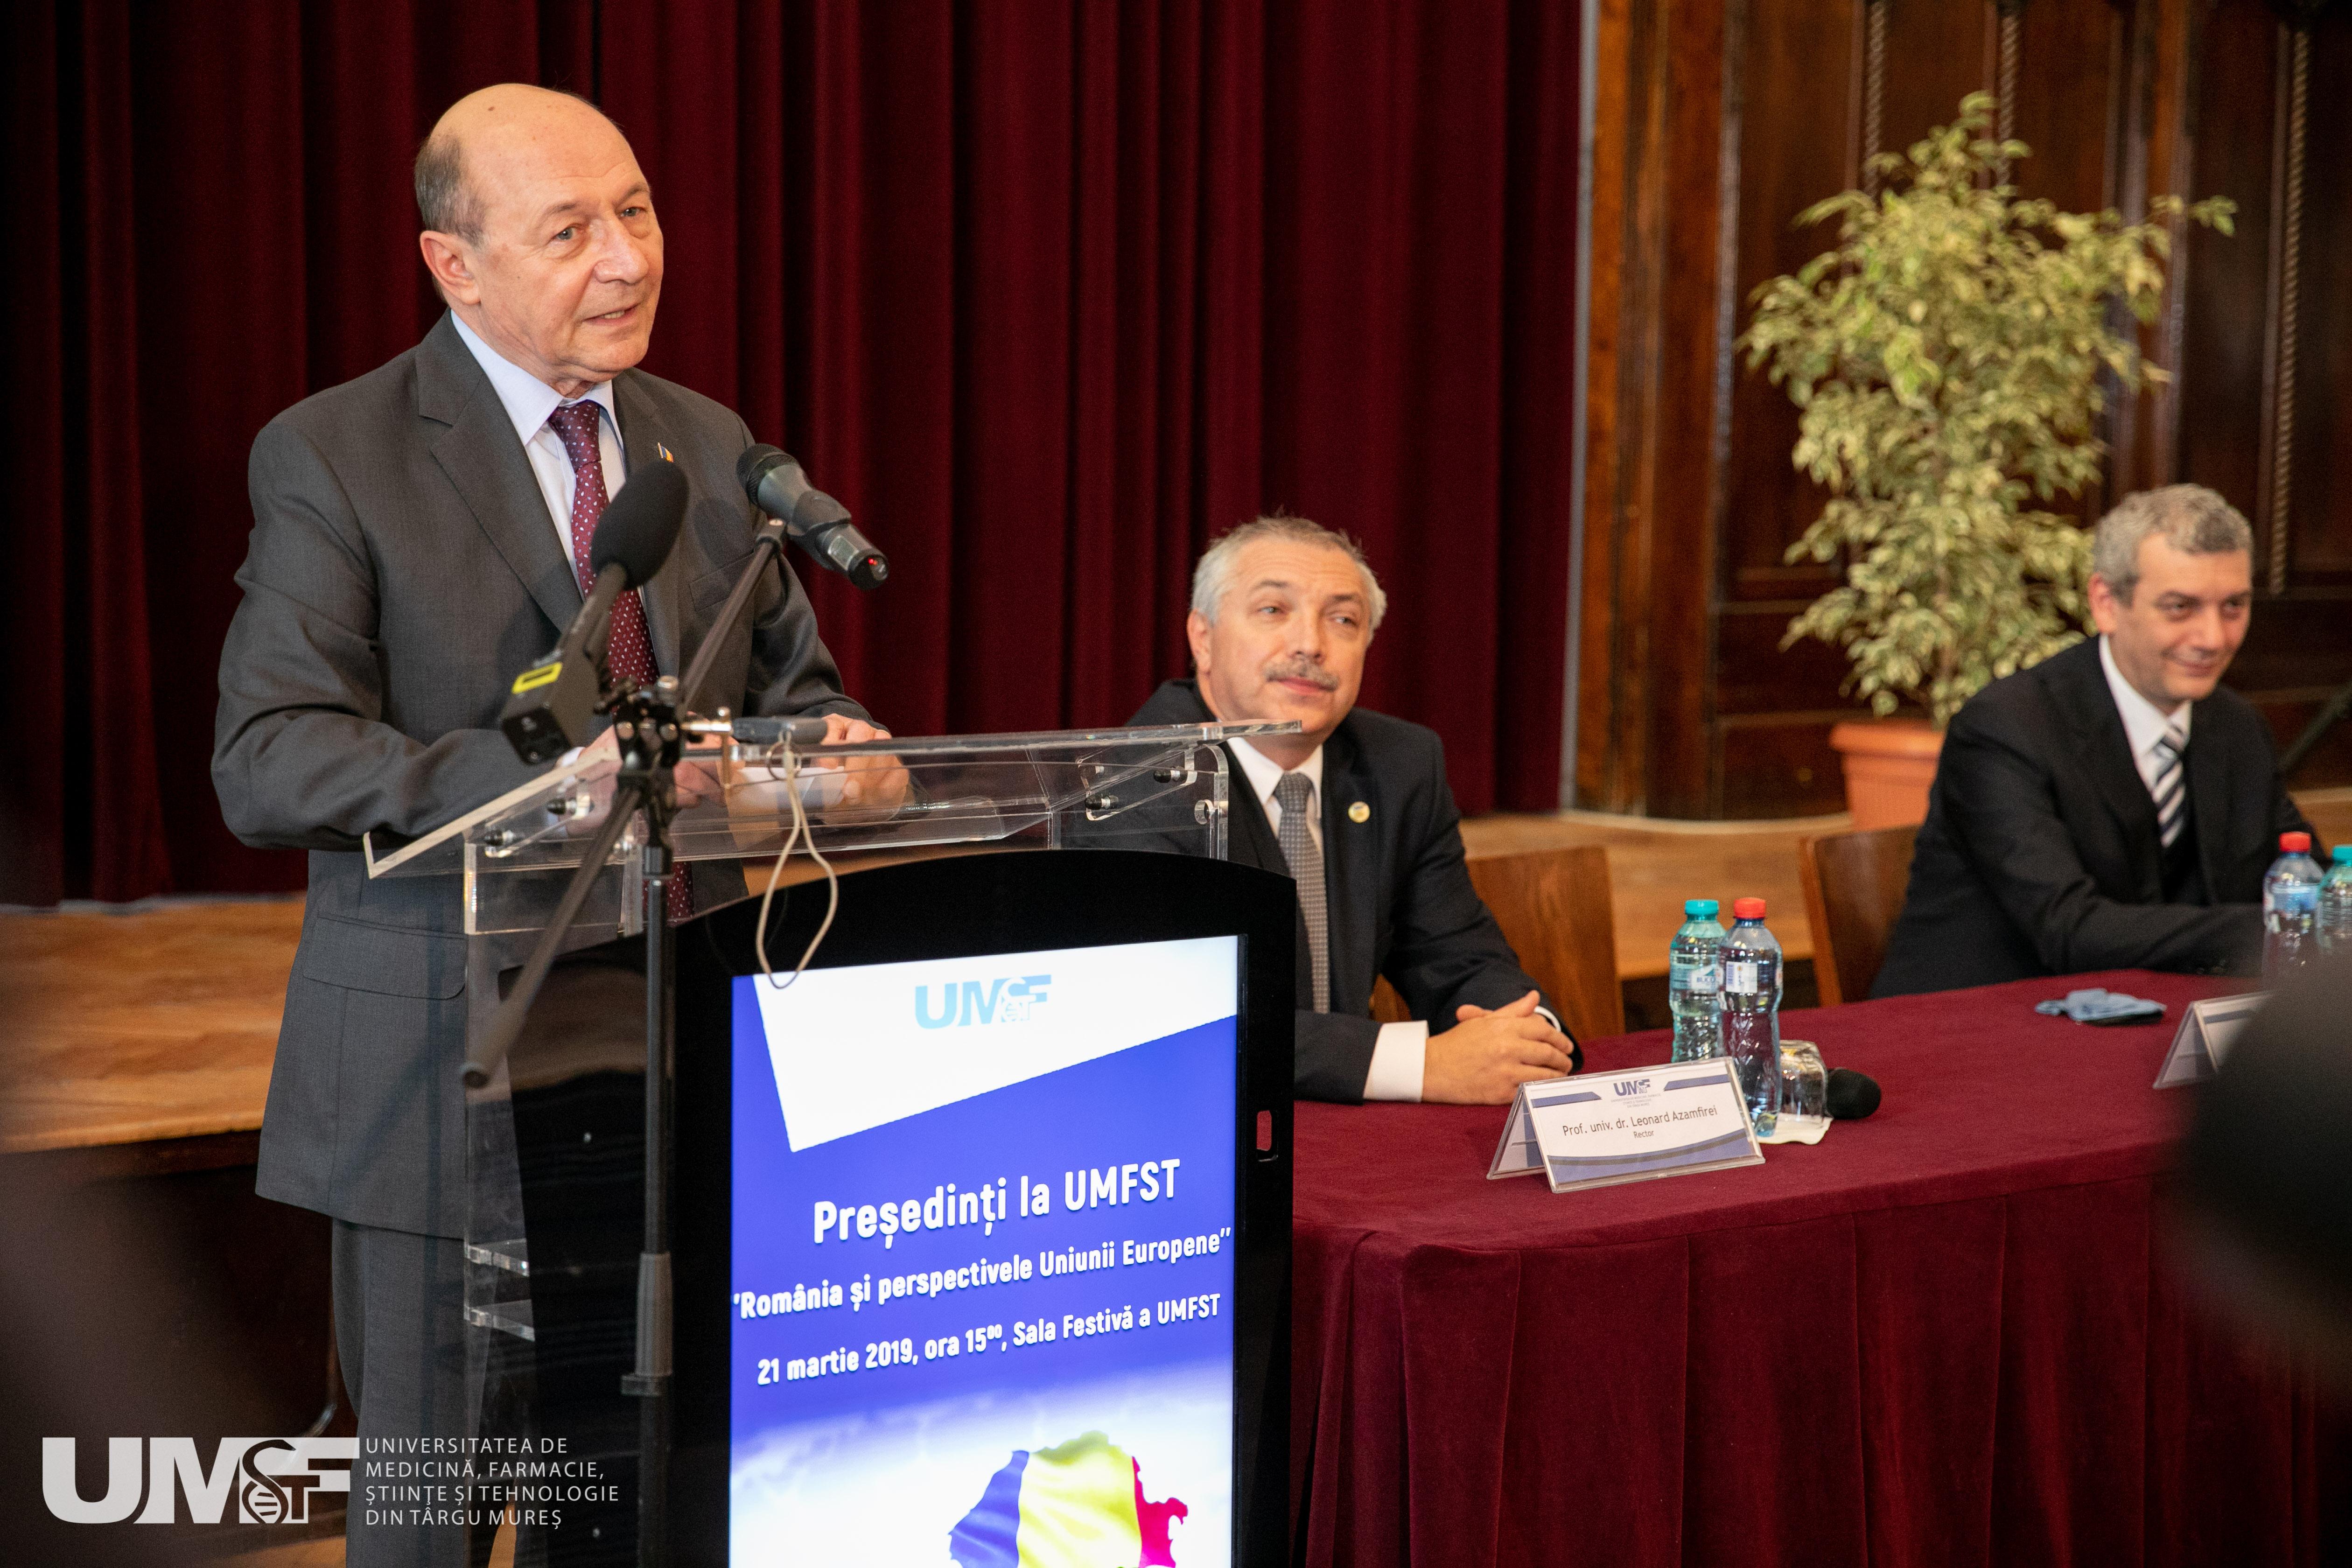 Președinți la UMFST: Traian Băsescu, conferință despre România și perspectivele Uniunii Europene